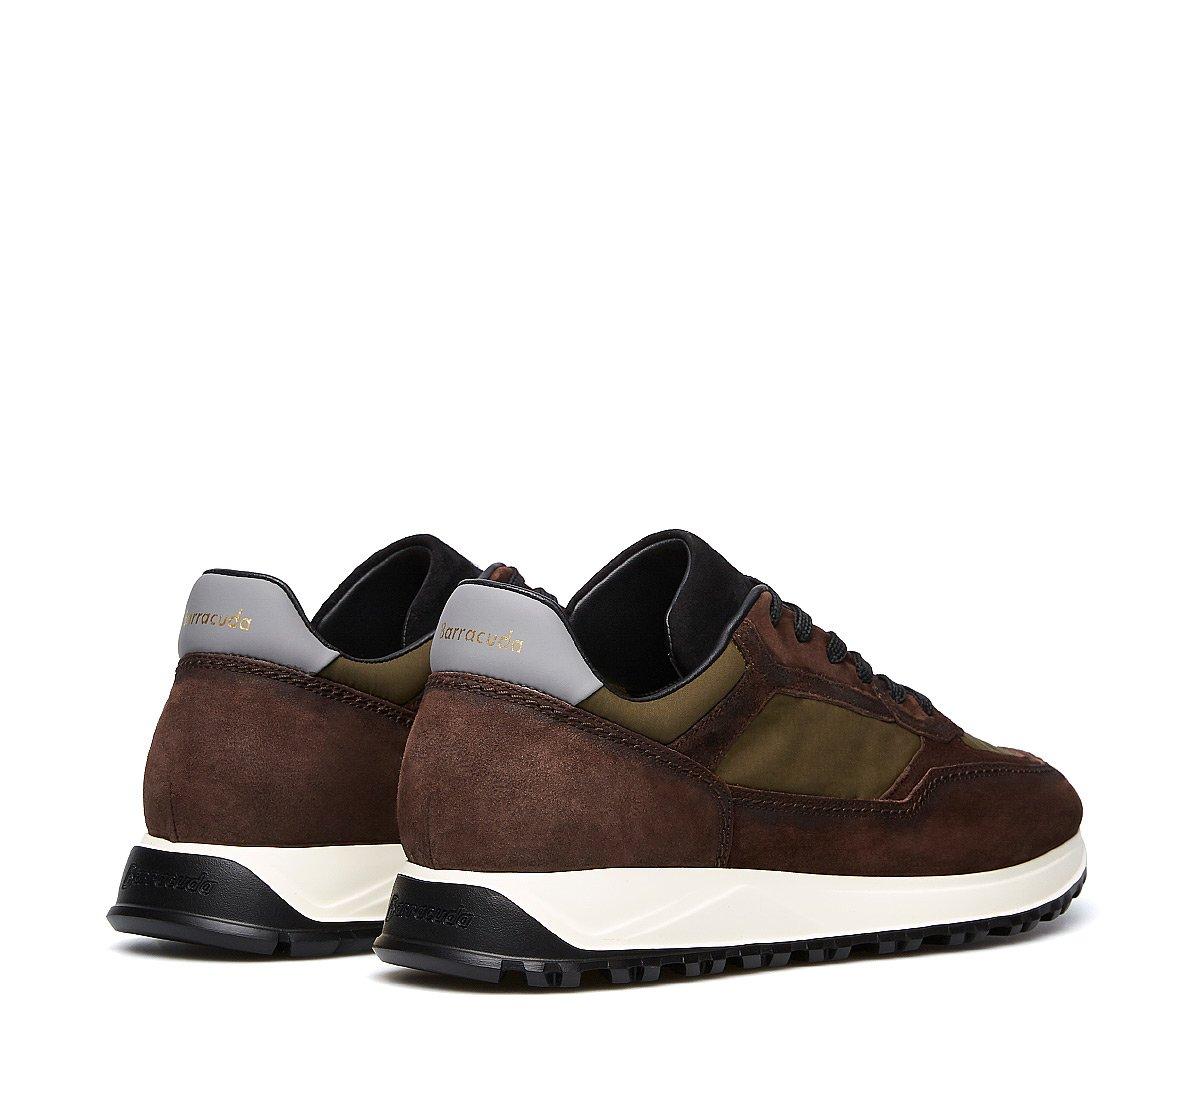 Barracuda Kepler sneakers